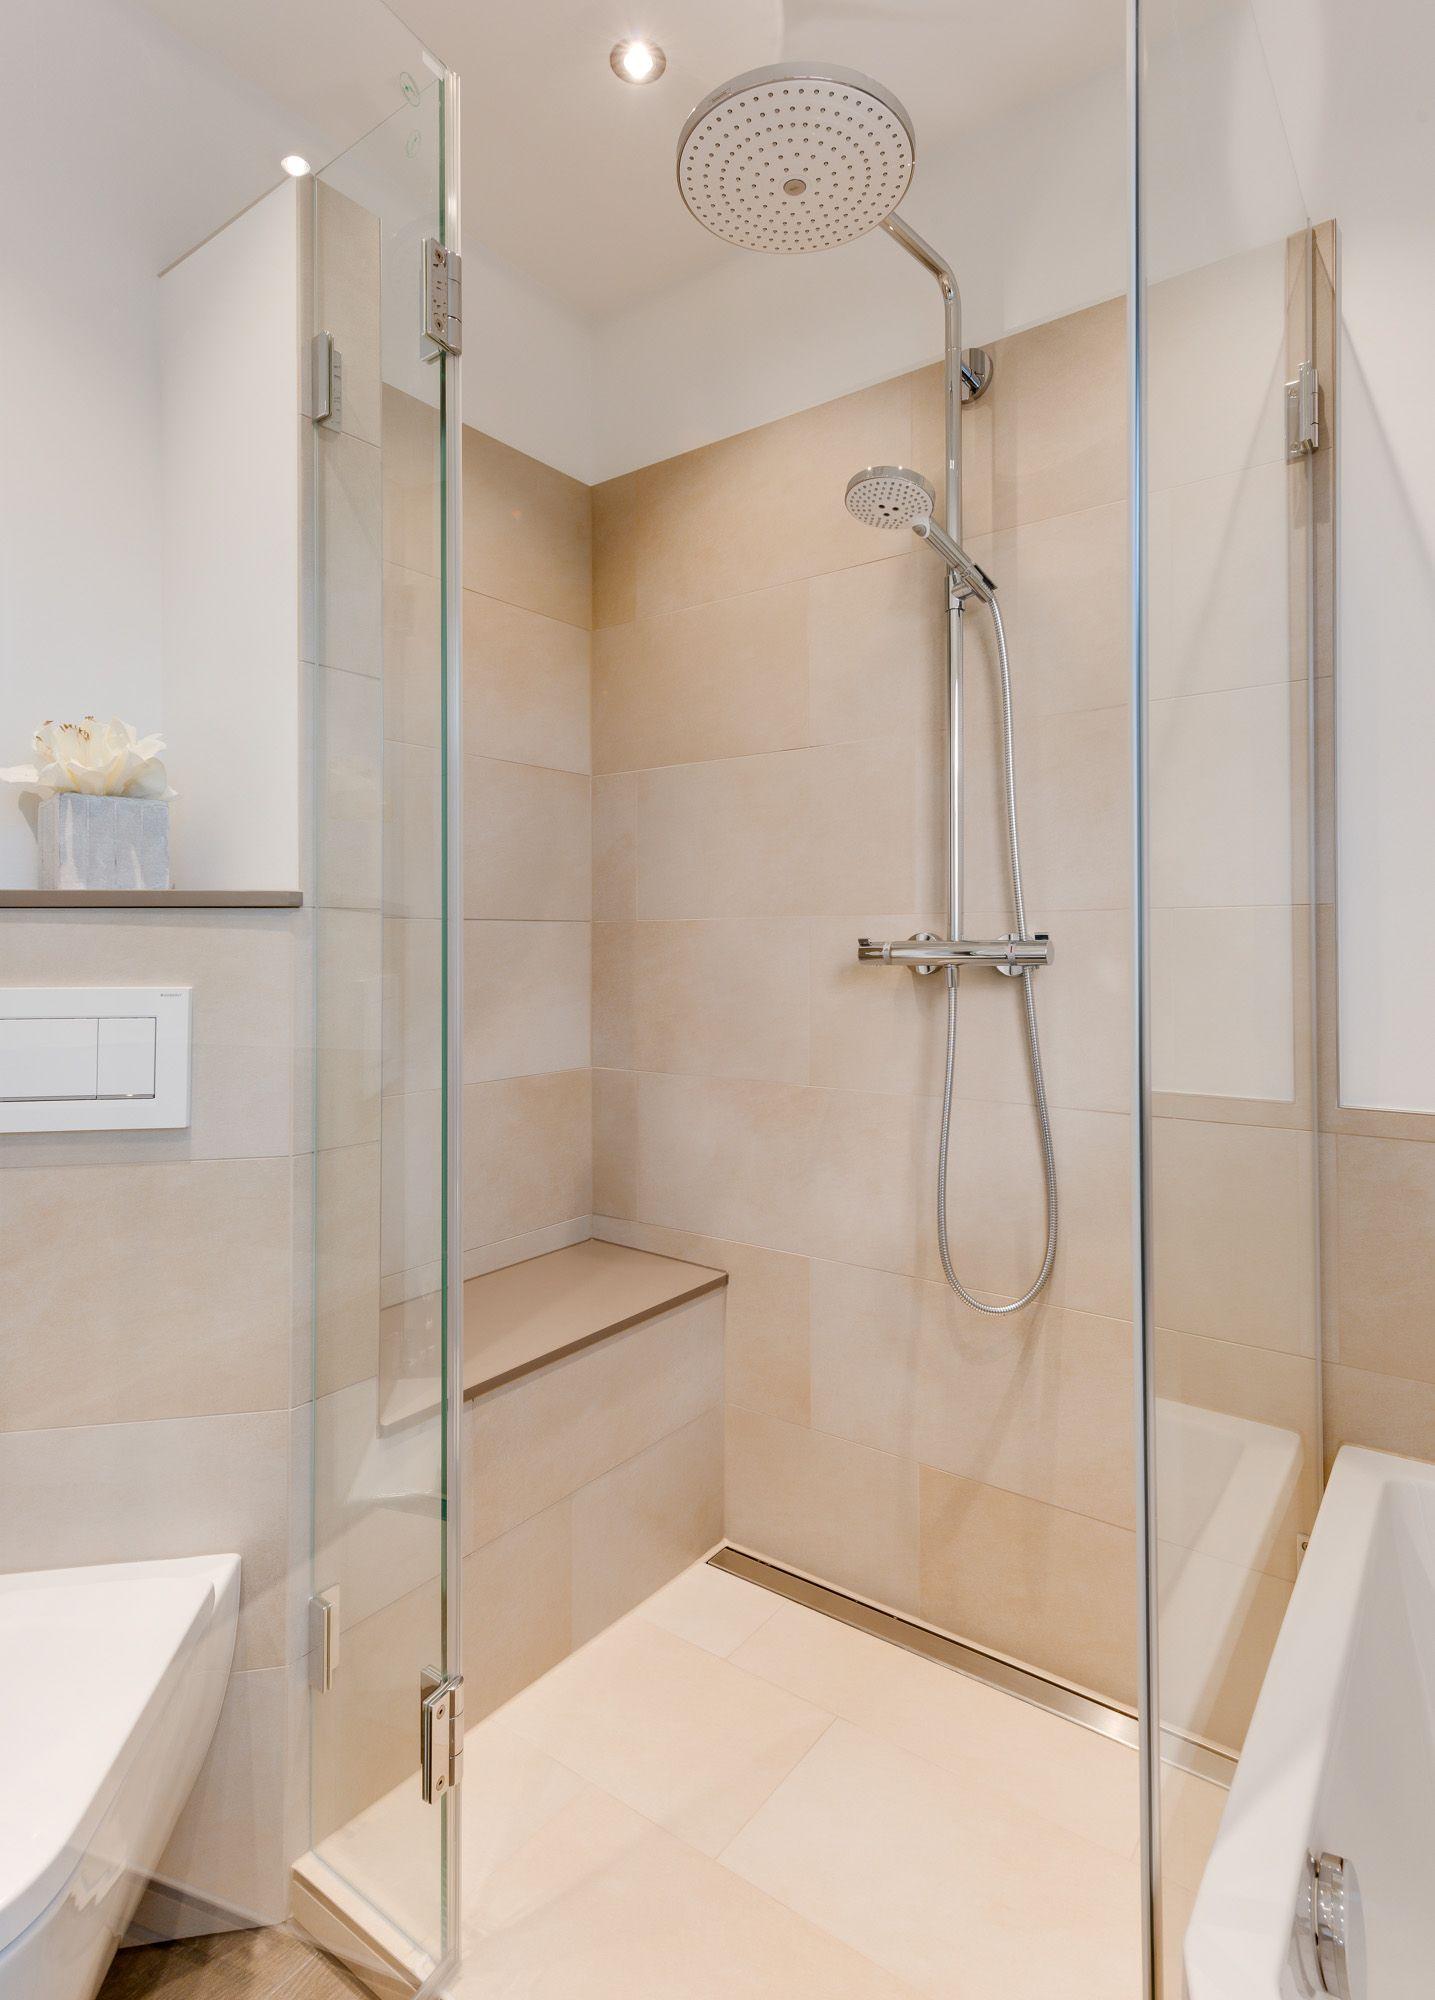 Geräumige Dusche mit integriertem Duschsitz und einer